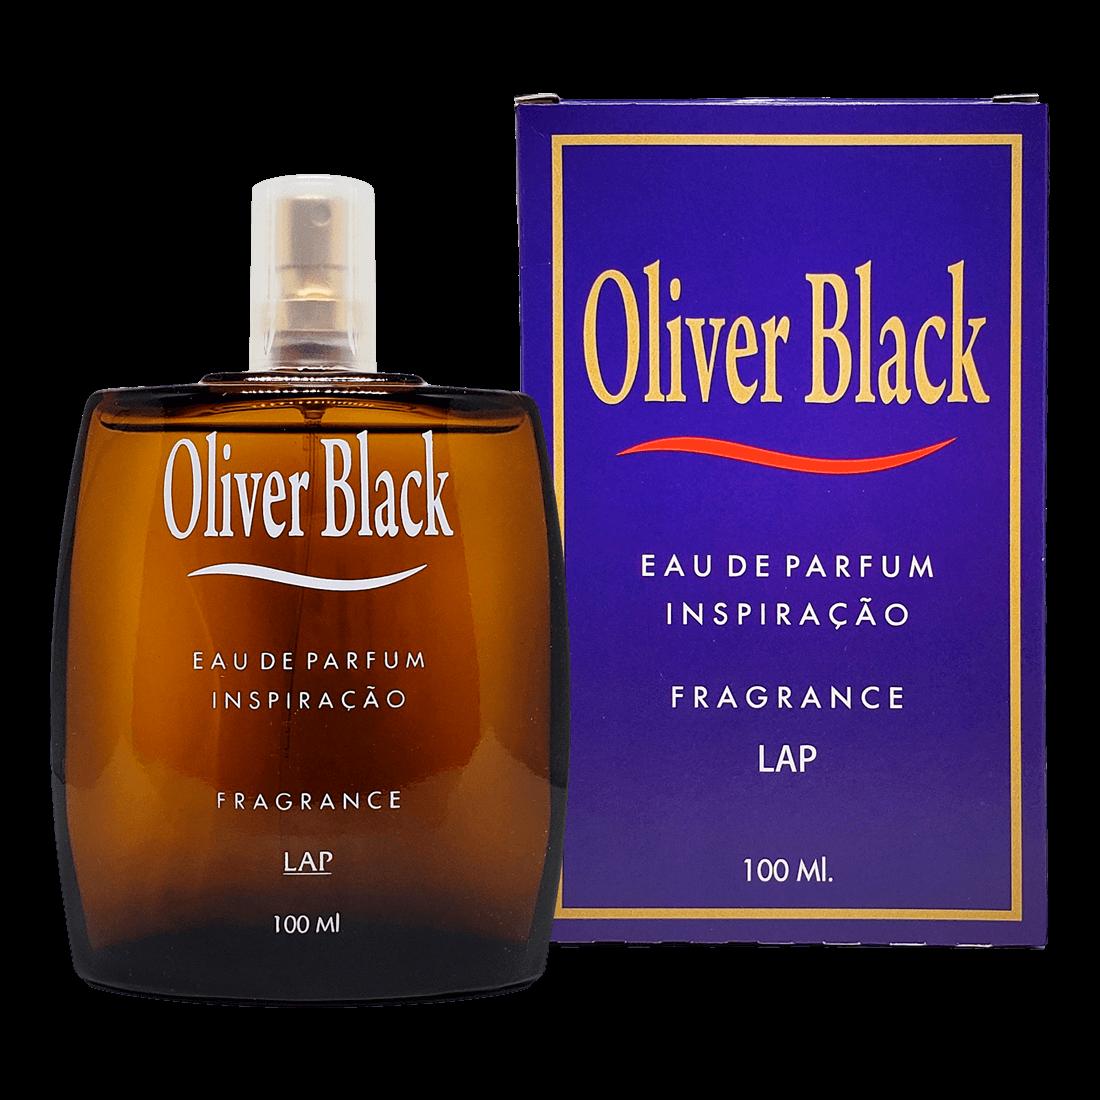 OLIVER BLACK EAU DE PARFUM FRAGRANCE LAP